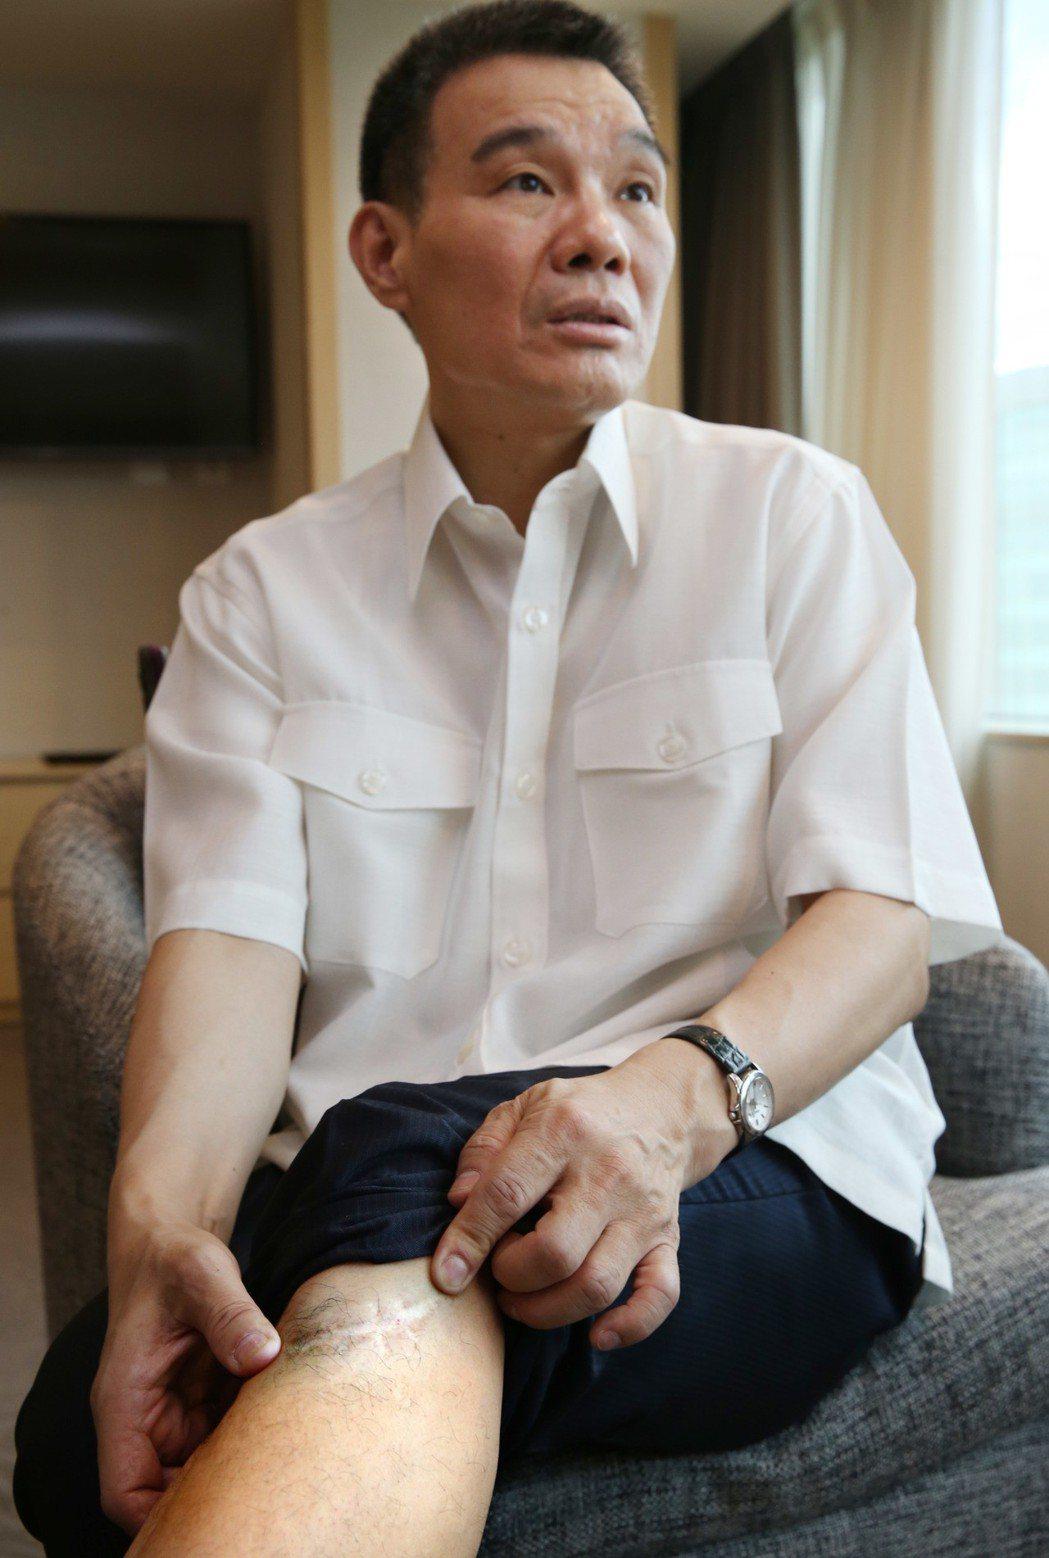 歌手陳雷,八九歲時在家玩耍,就在腿上撞出一個大傷口。記者林俊良/攝影